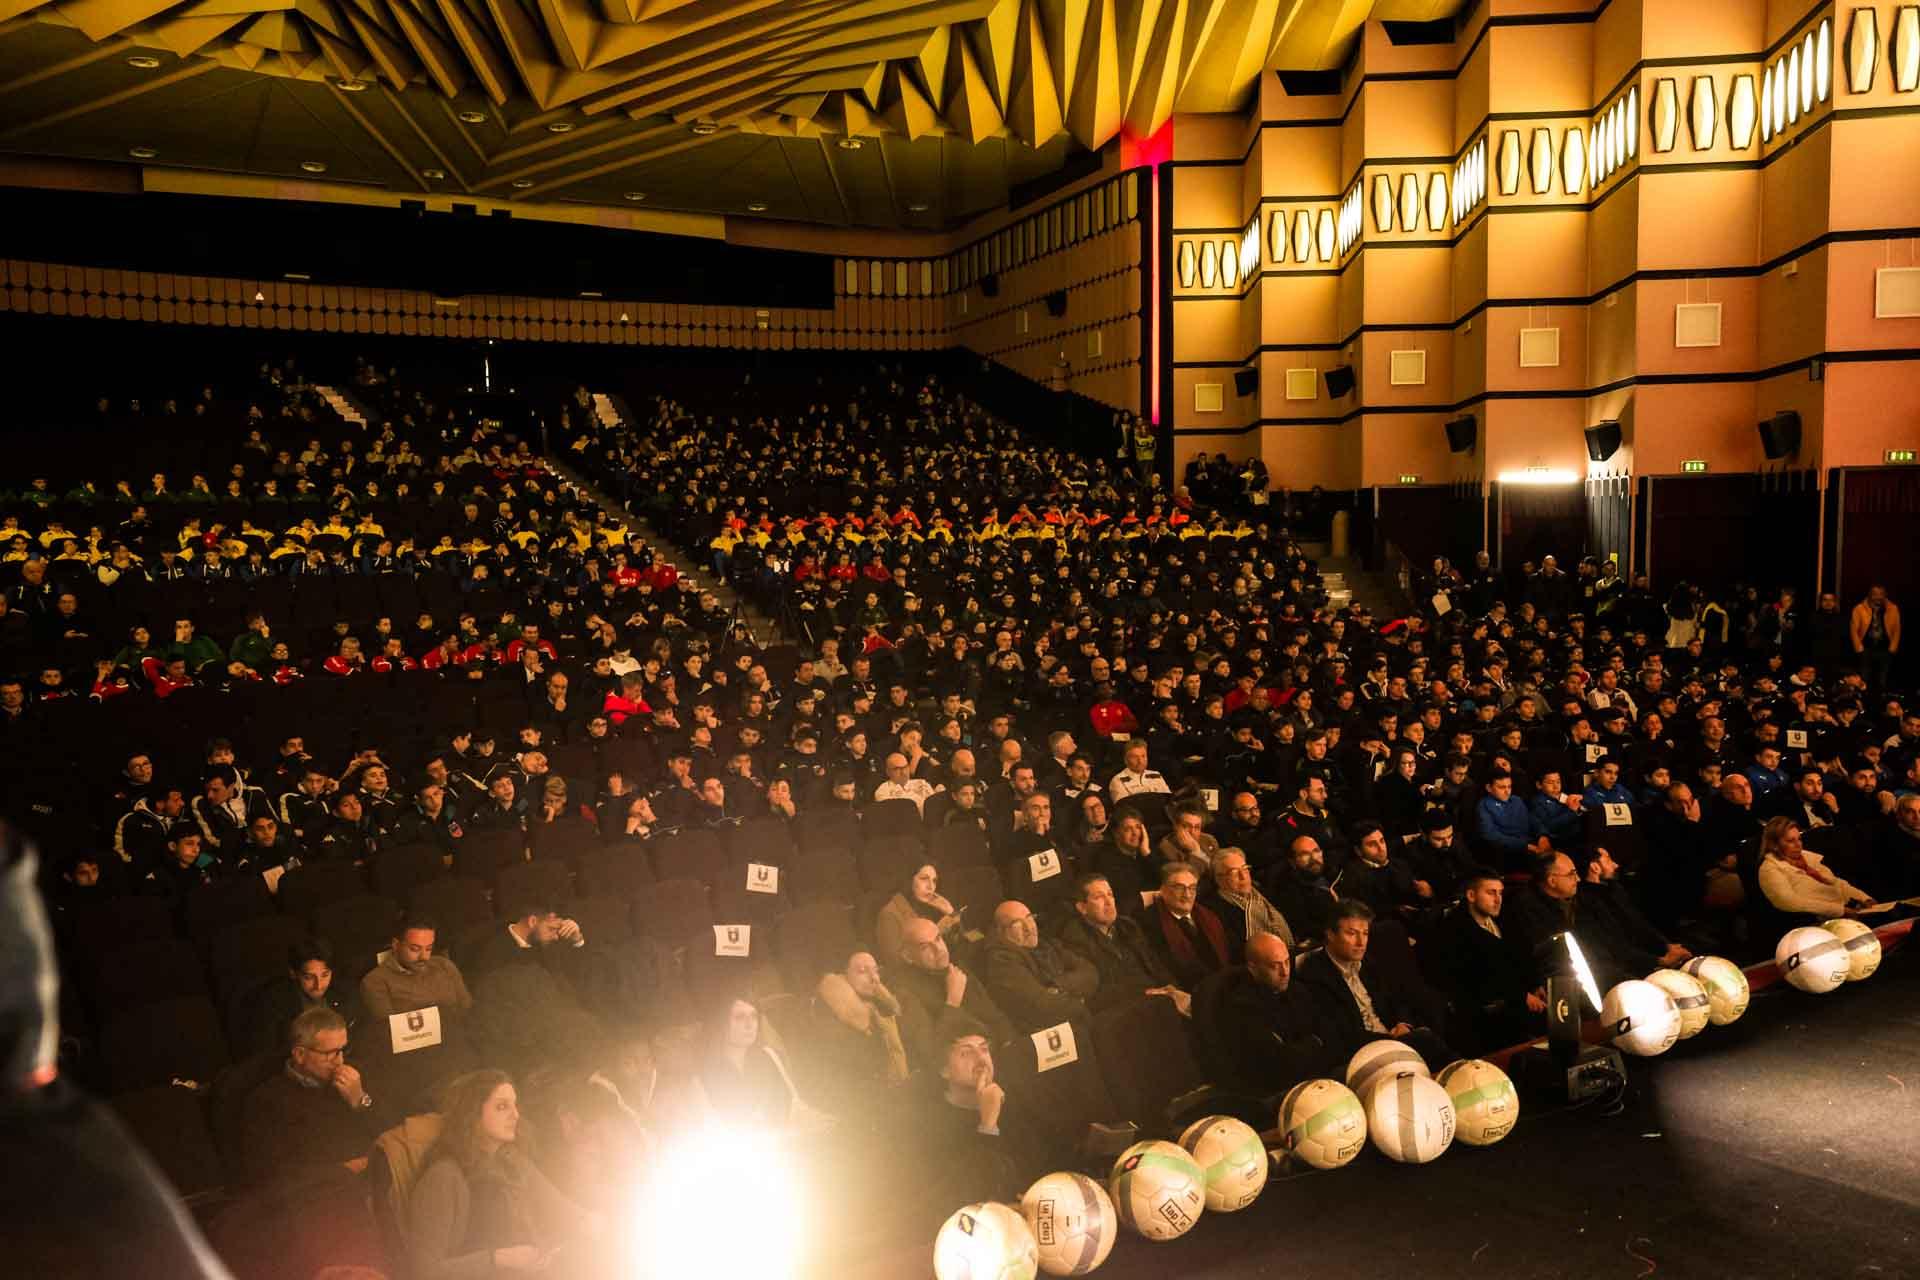 xvii-tch-u14-oggi-alle-17-inaugurazione-al-teatro-italia